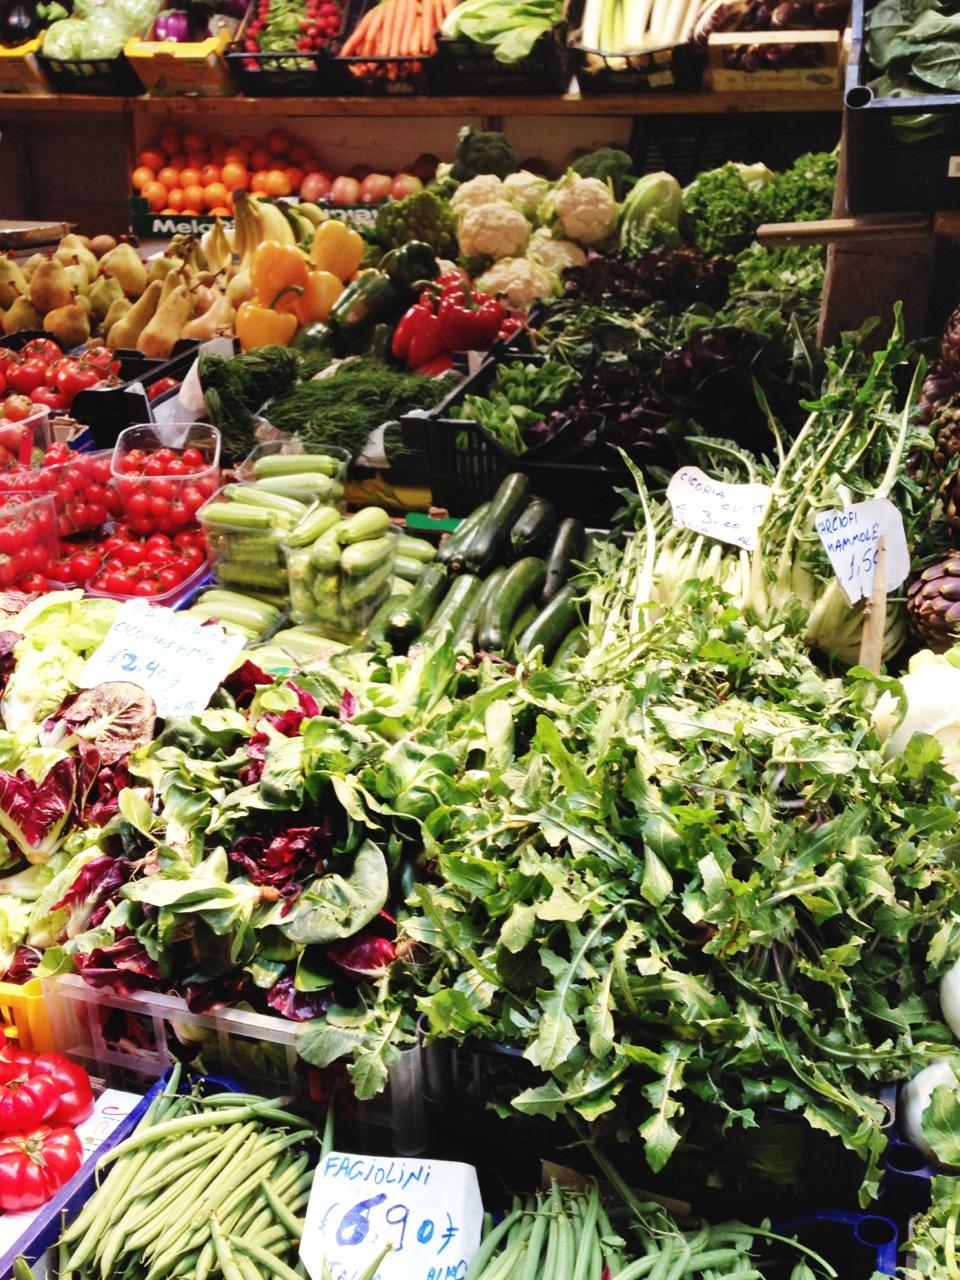 [Foto 5. Legenda: Não se esqueça dos mercados locais! Ali se encontram produtos frescos, genuínos, saudáveis e baratos!]